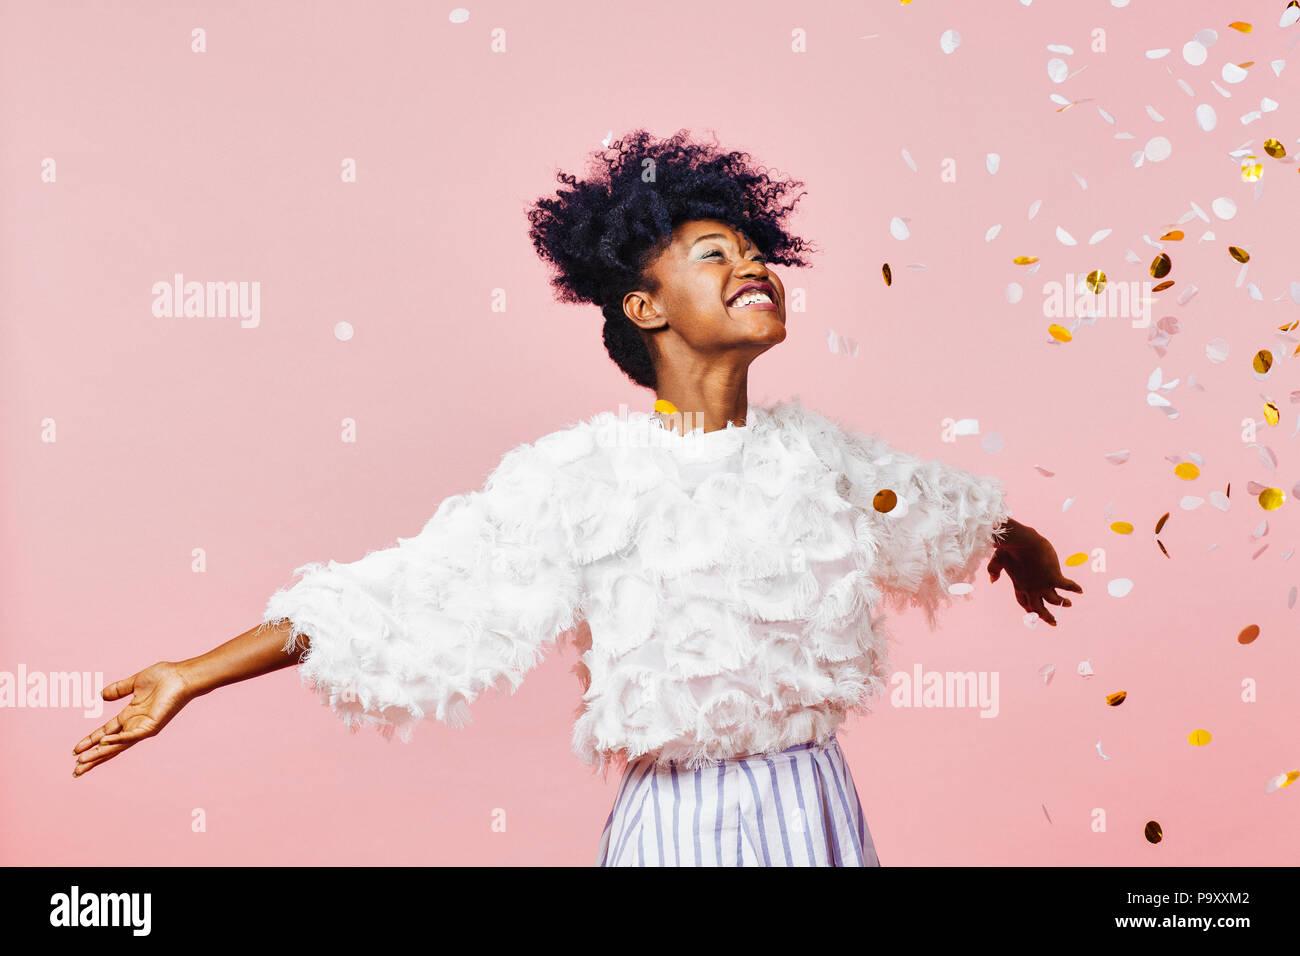 Un momento mágico - Retrato de una chica muy alegre con los brazos, sonriendo y mirando hacia arriba Imagen De Stock